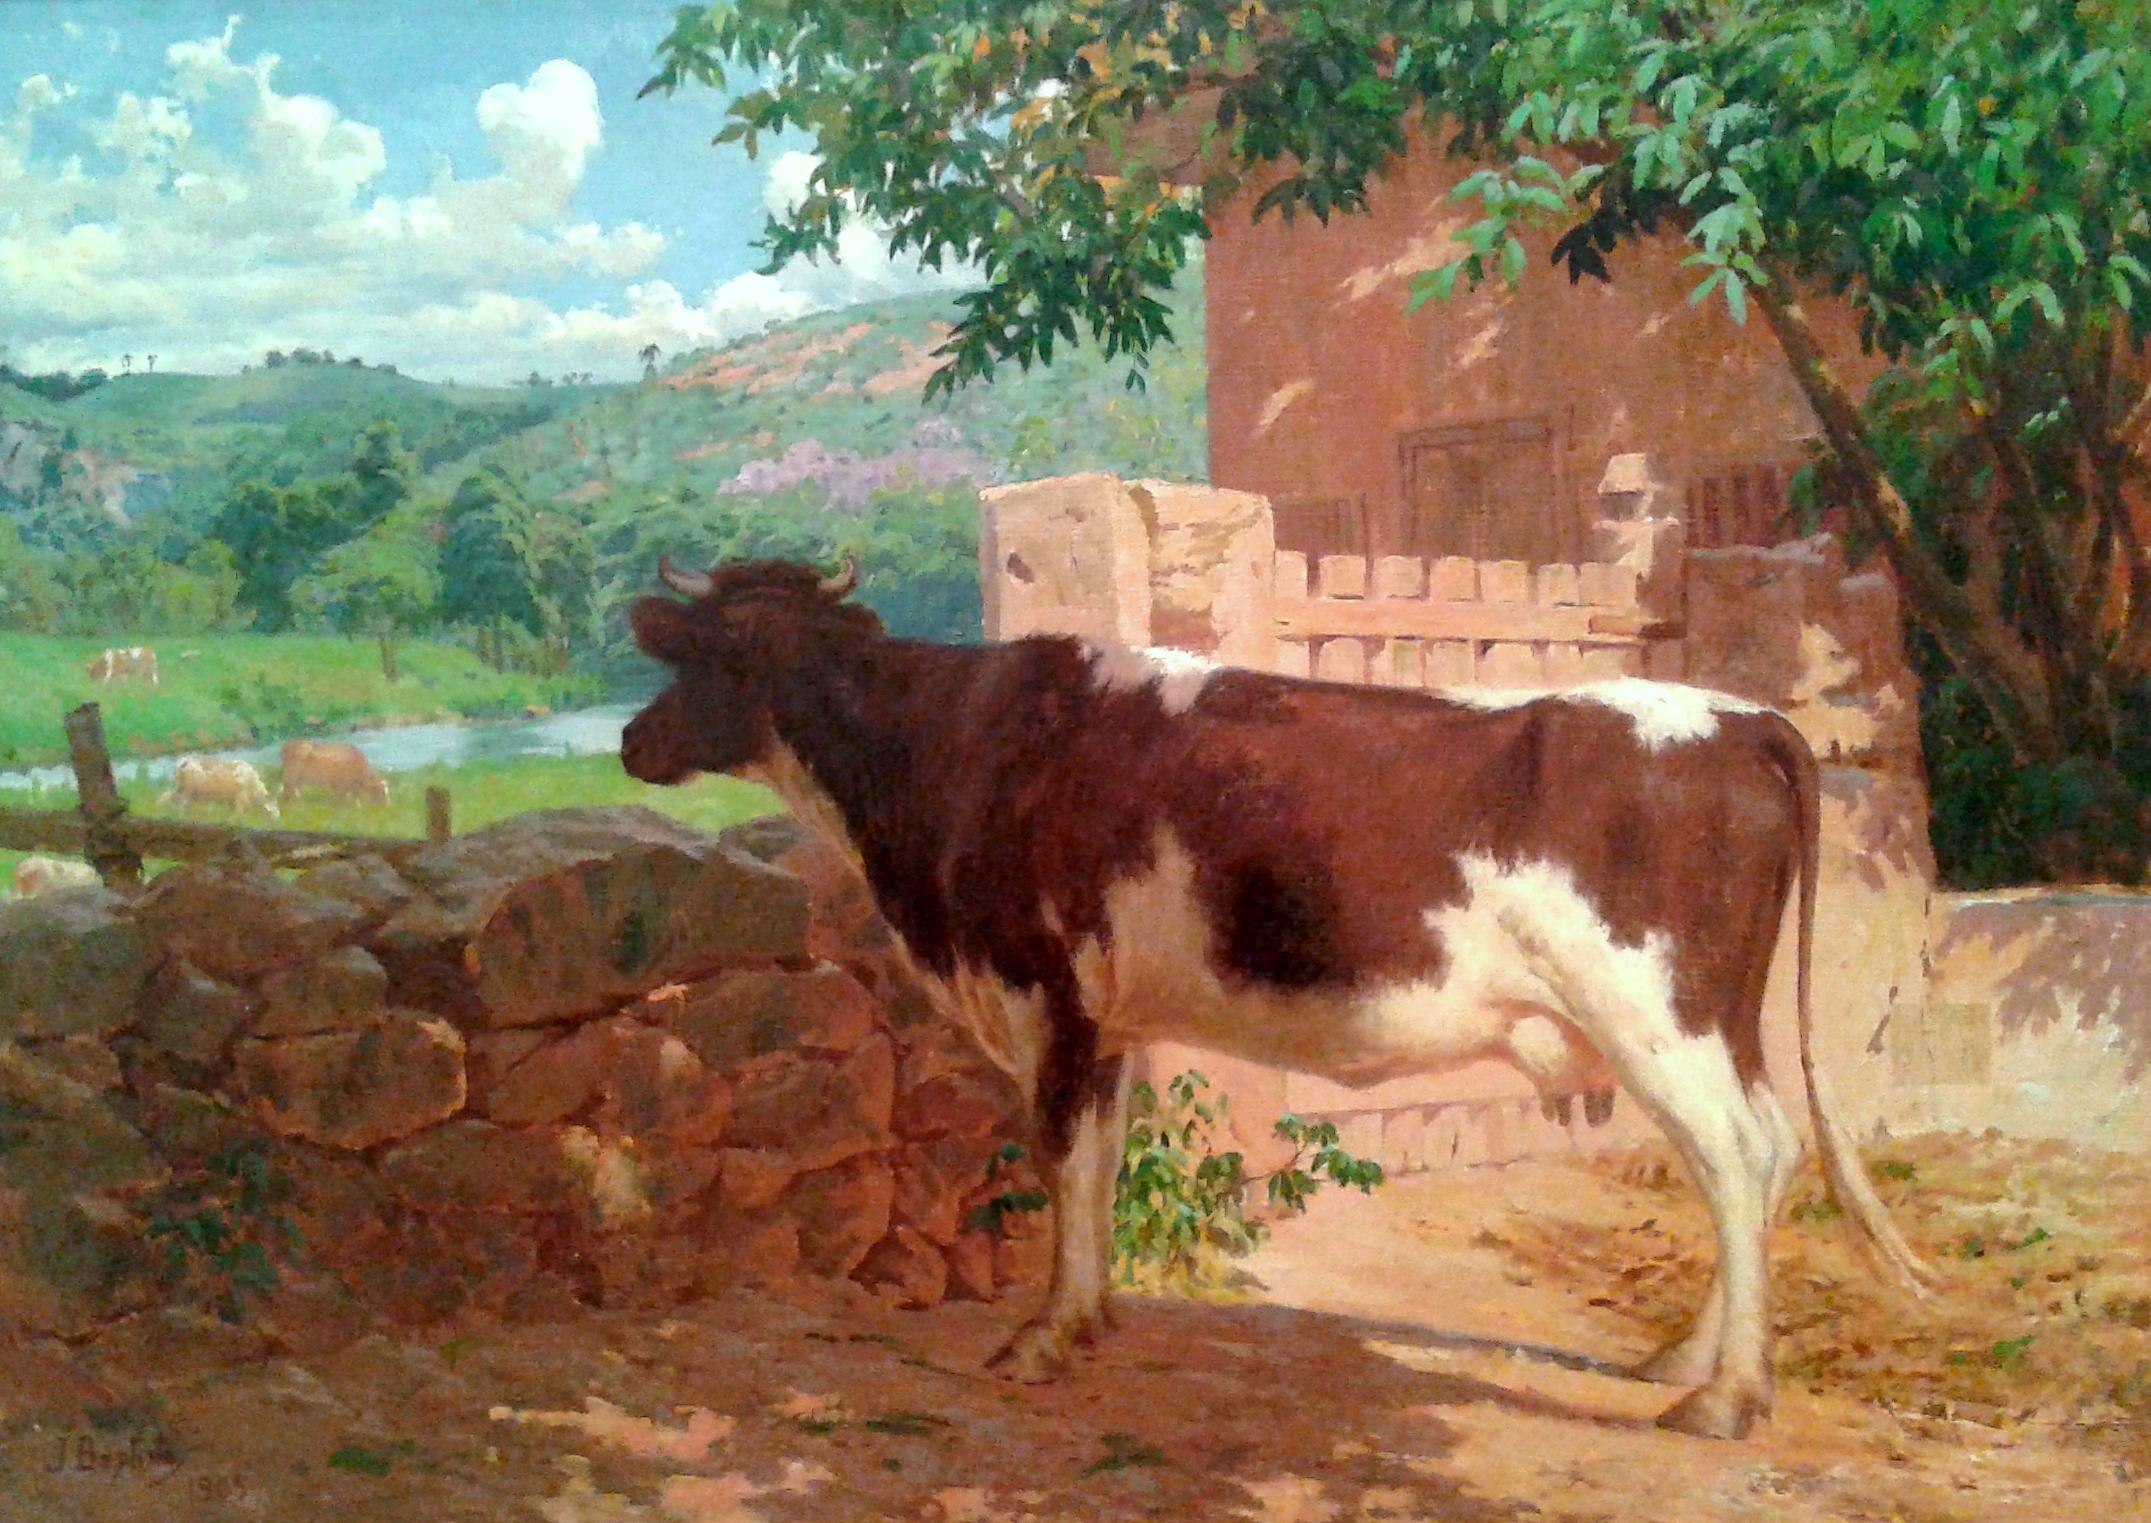 João Batista da Costa, The Prisoner (Fenced Cow)